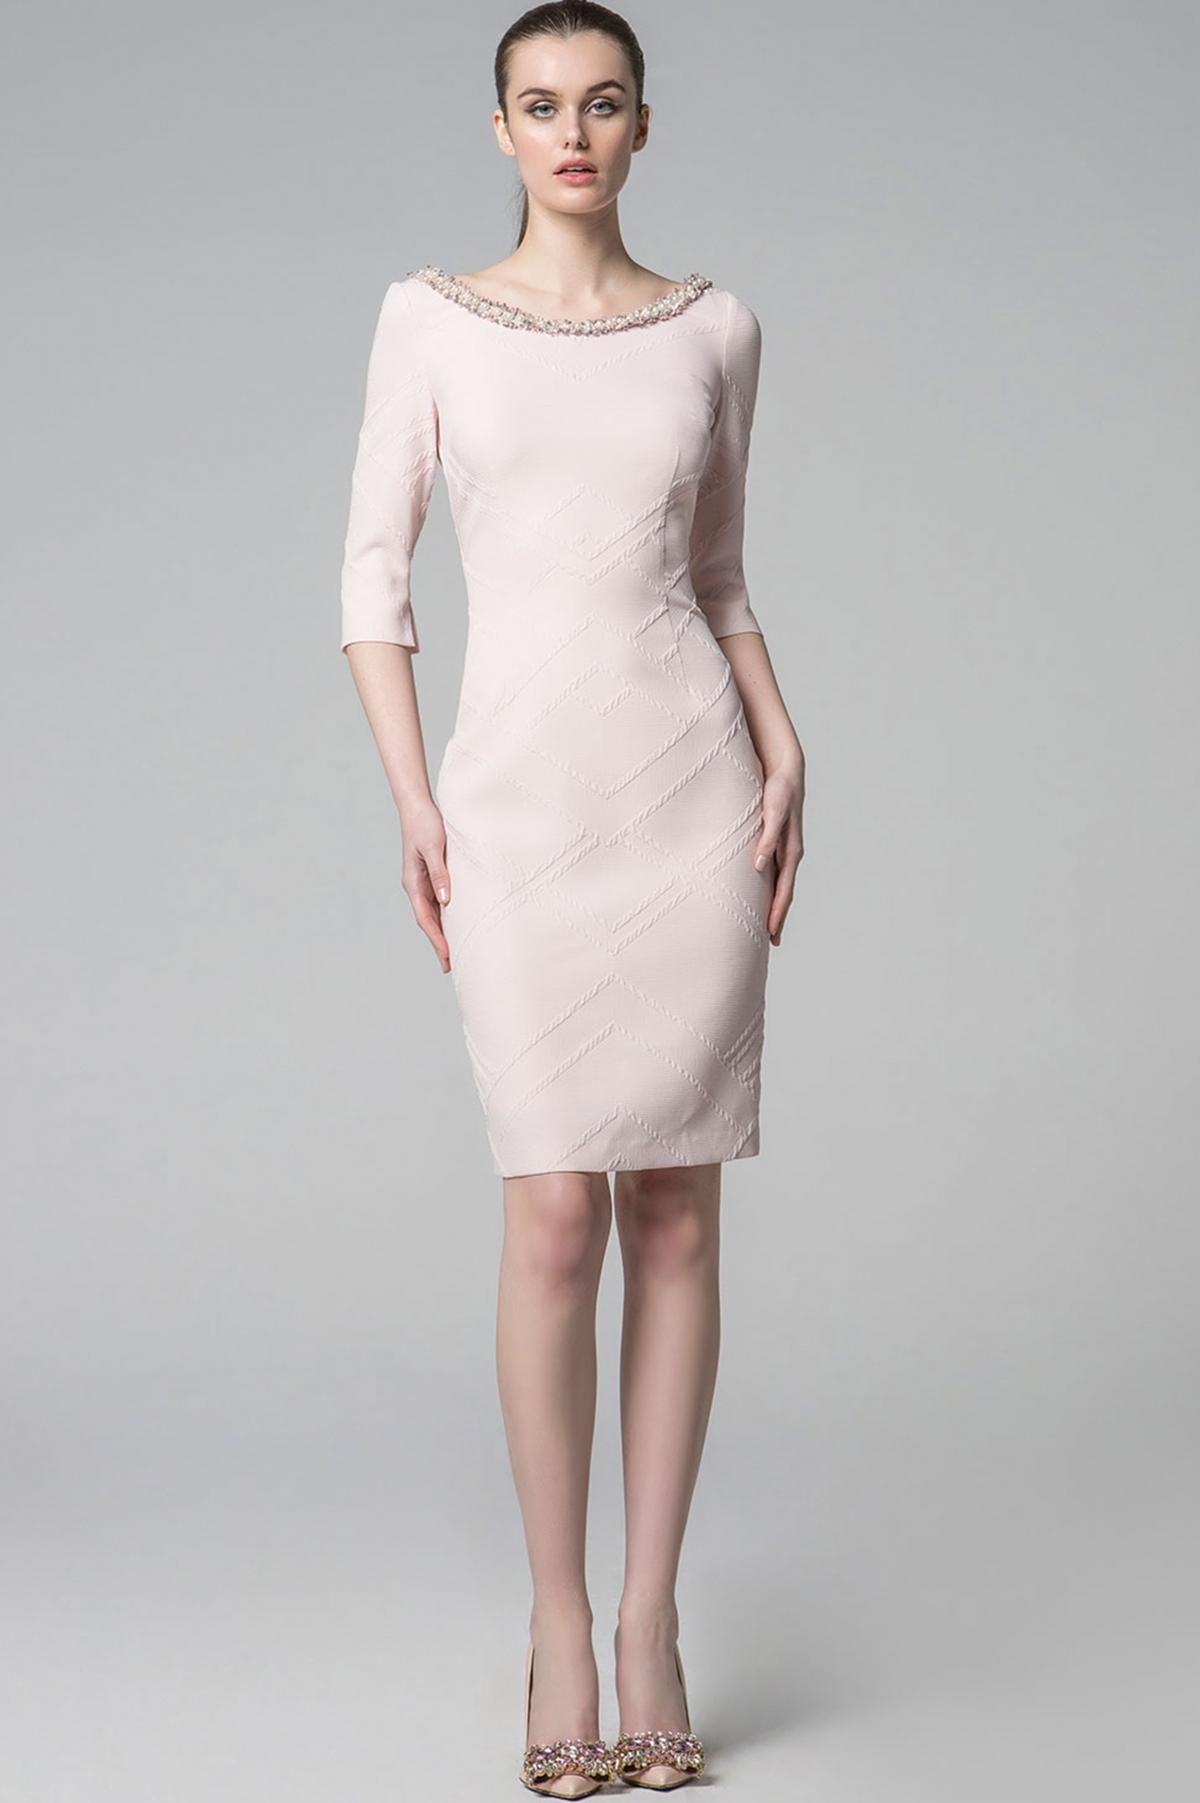 ΦΟΡΕΜΑ midi ΜΕ ΠΕΡΛΕΣ - Real Lady - Shop Online 8a410fc602f